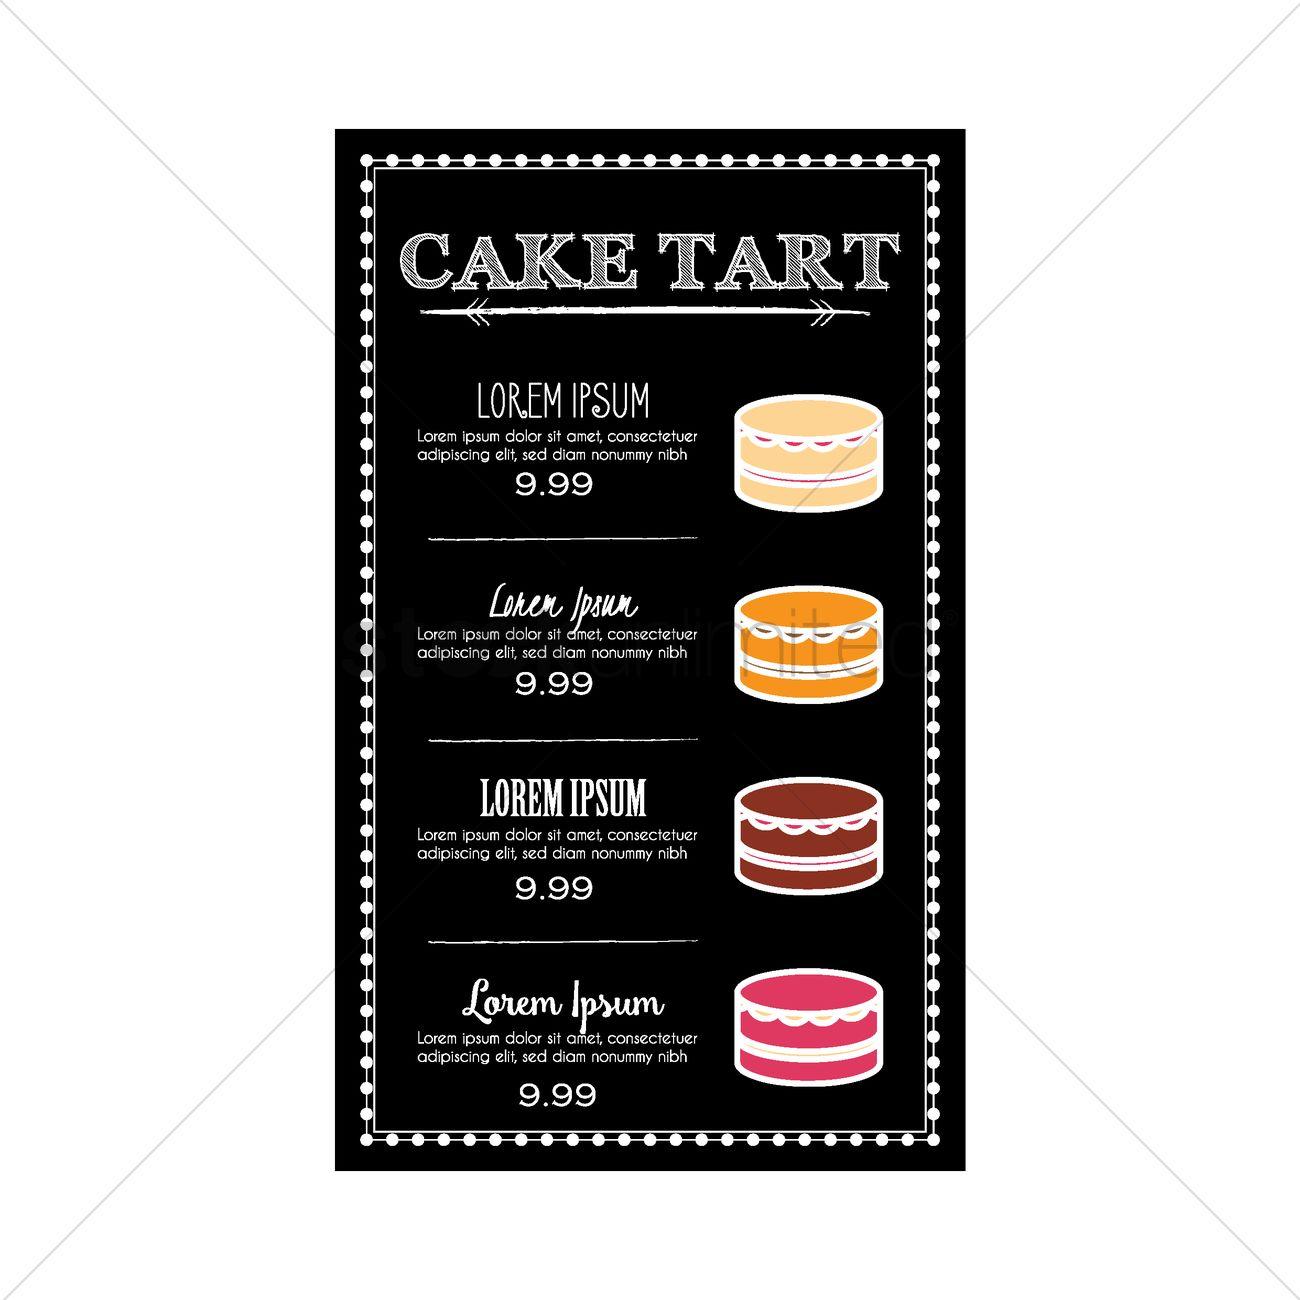 Cake Tart Menu Design Vector Image 1772322 Stockunlimited